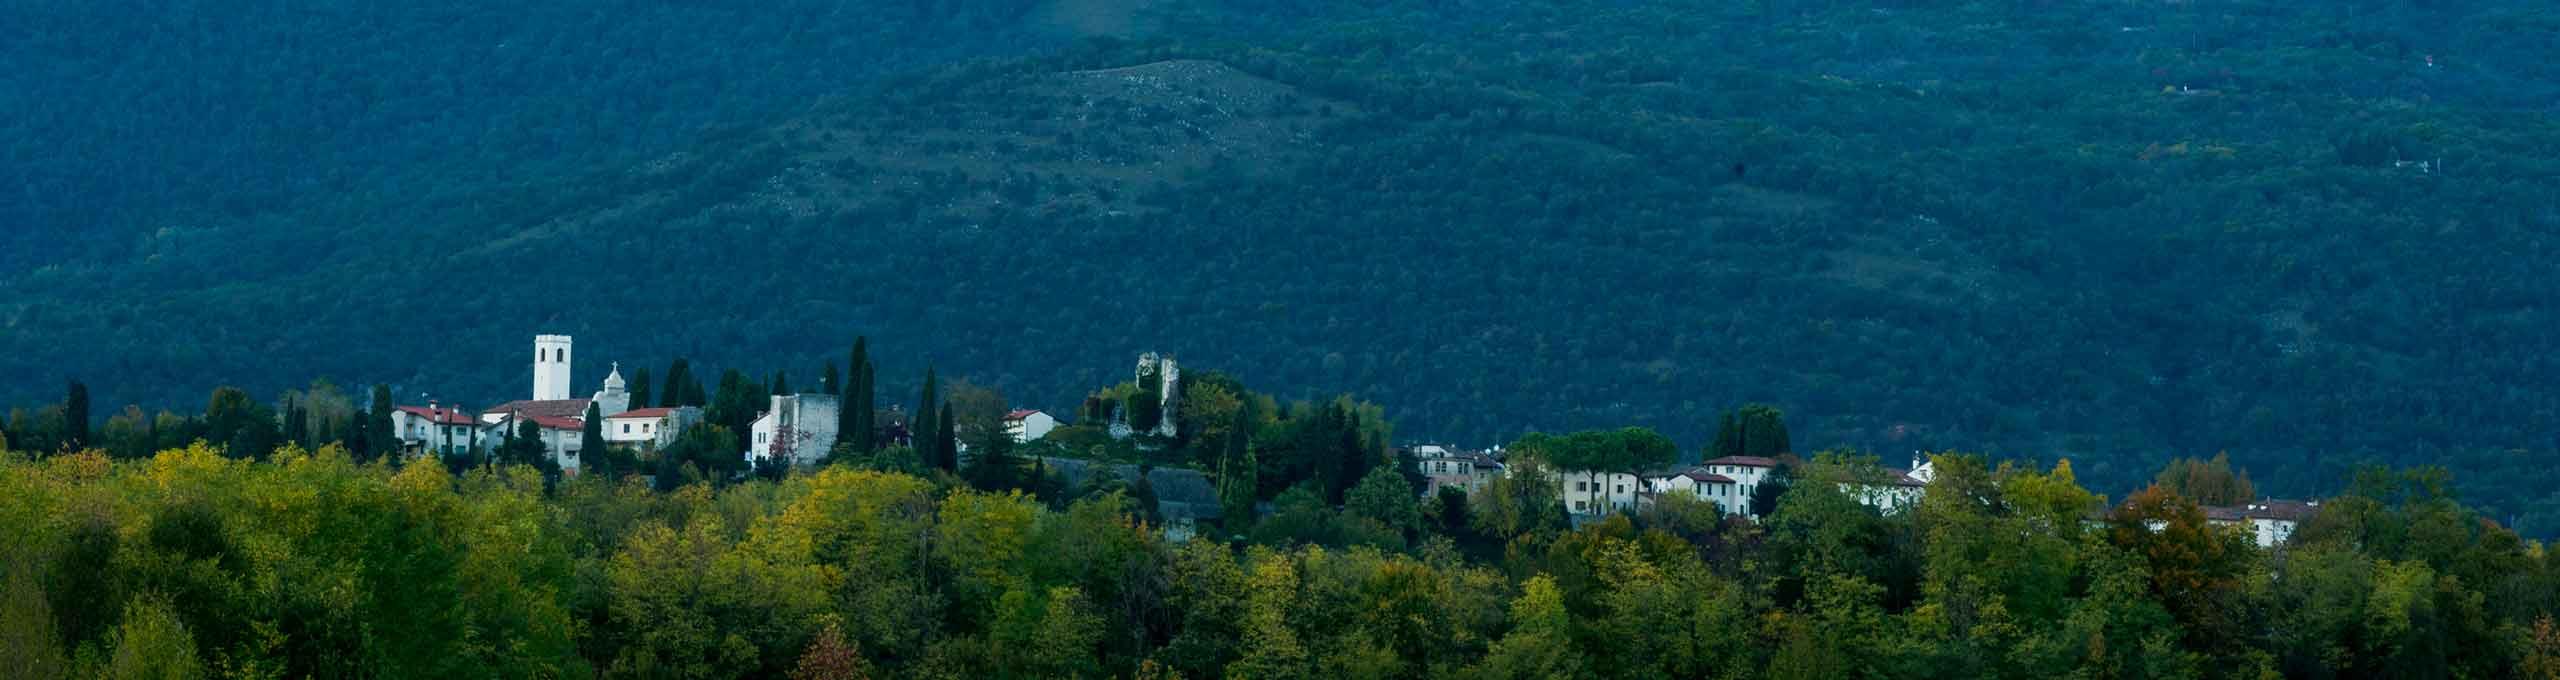 Aviano, Piancavallo e Dolomiti Friulane